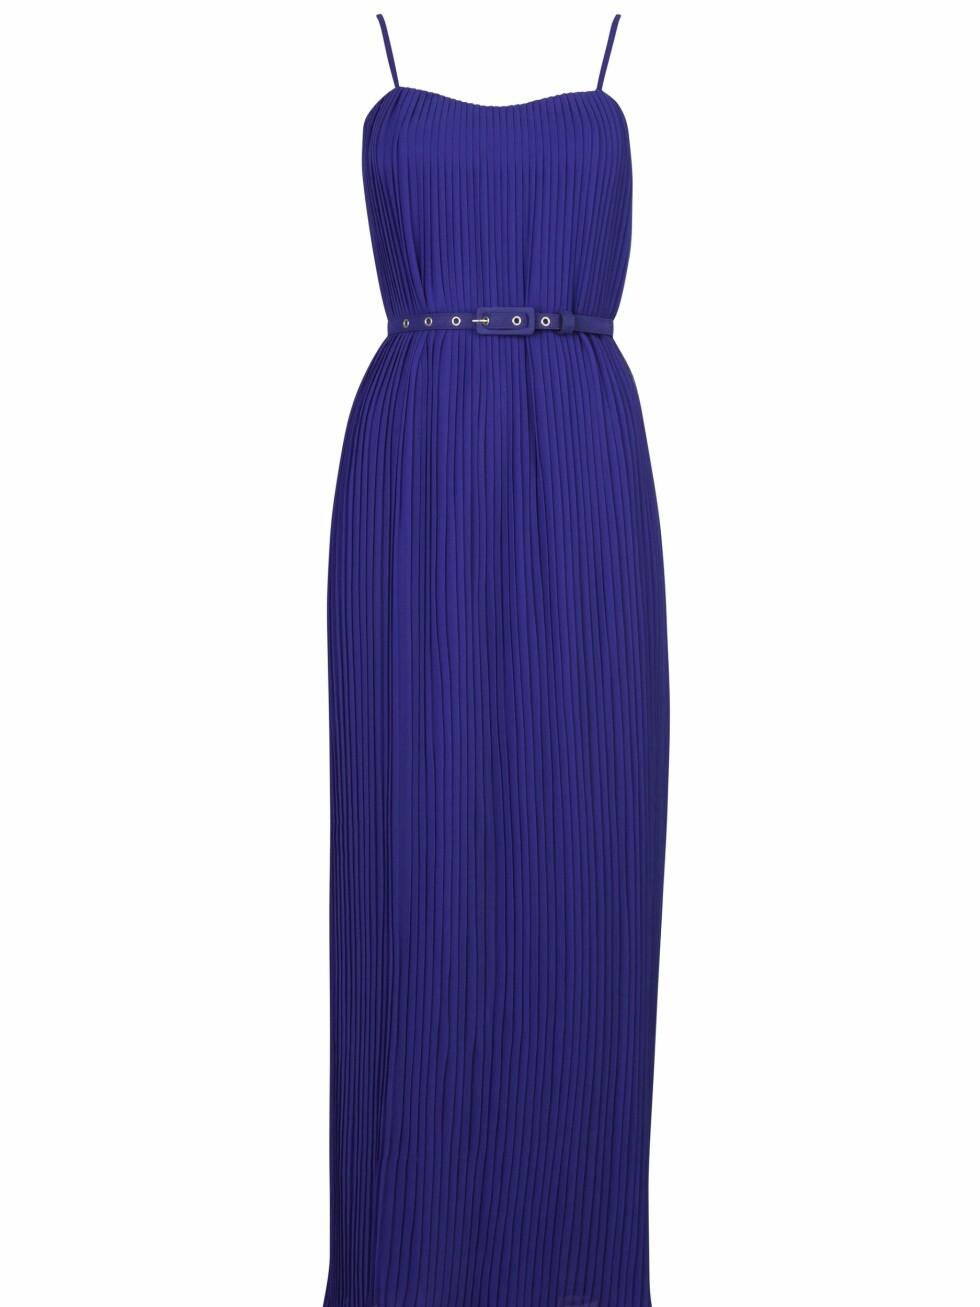 499 KRONER: Nydelig kongeblå aftenkjole med avtagbare stropper og belte.  Foto: Produsenten